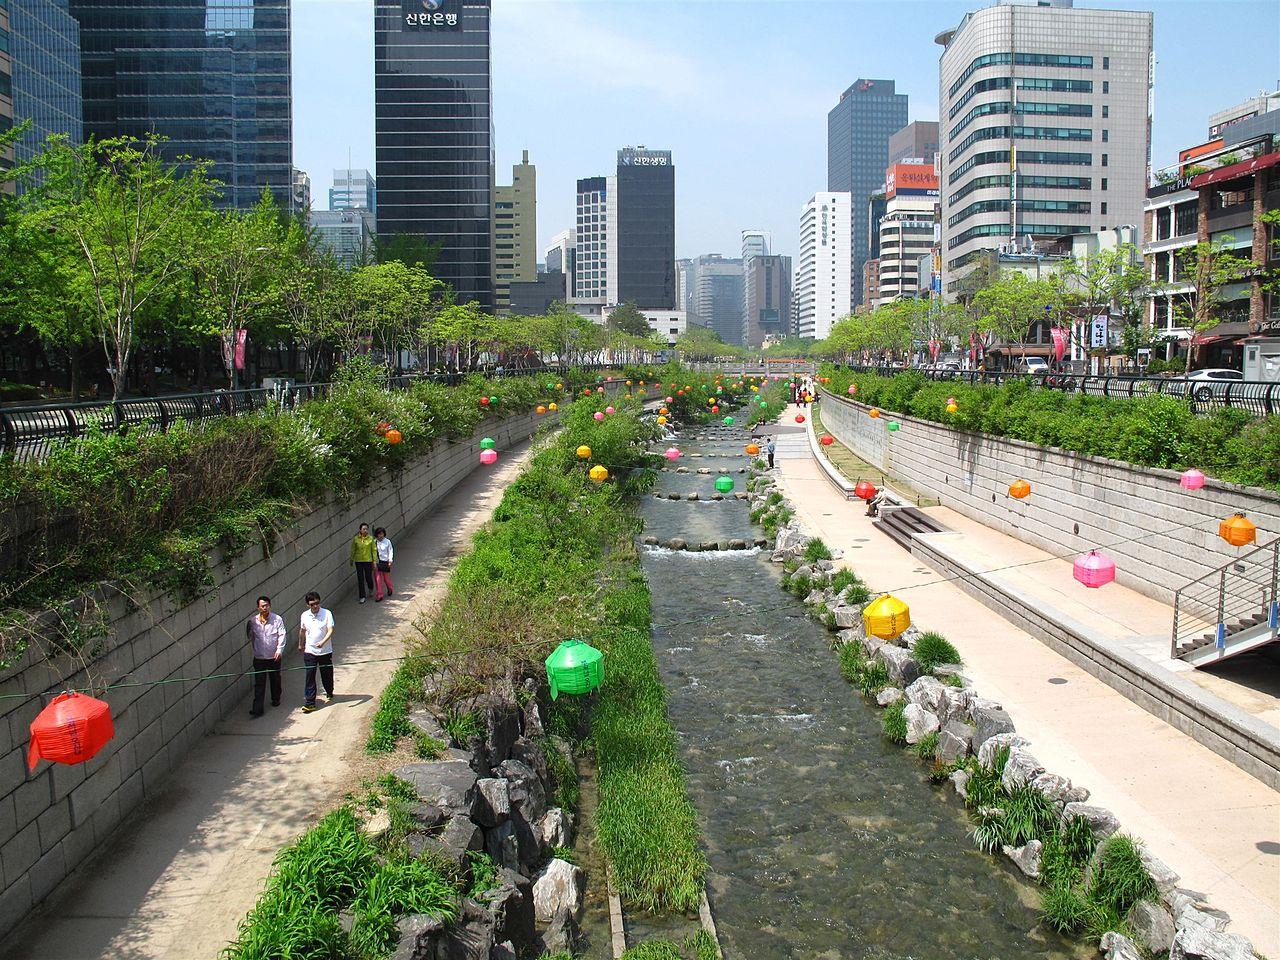 Parque linear com recuperação do rio Cheonggeyechon em Seoul, Coréia do Sul. Foto de Ken Eckert. Fonte: wikimedia commons